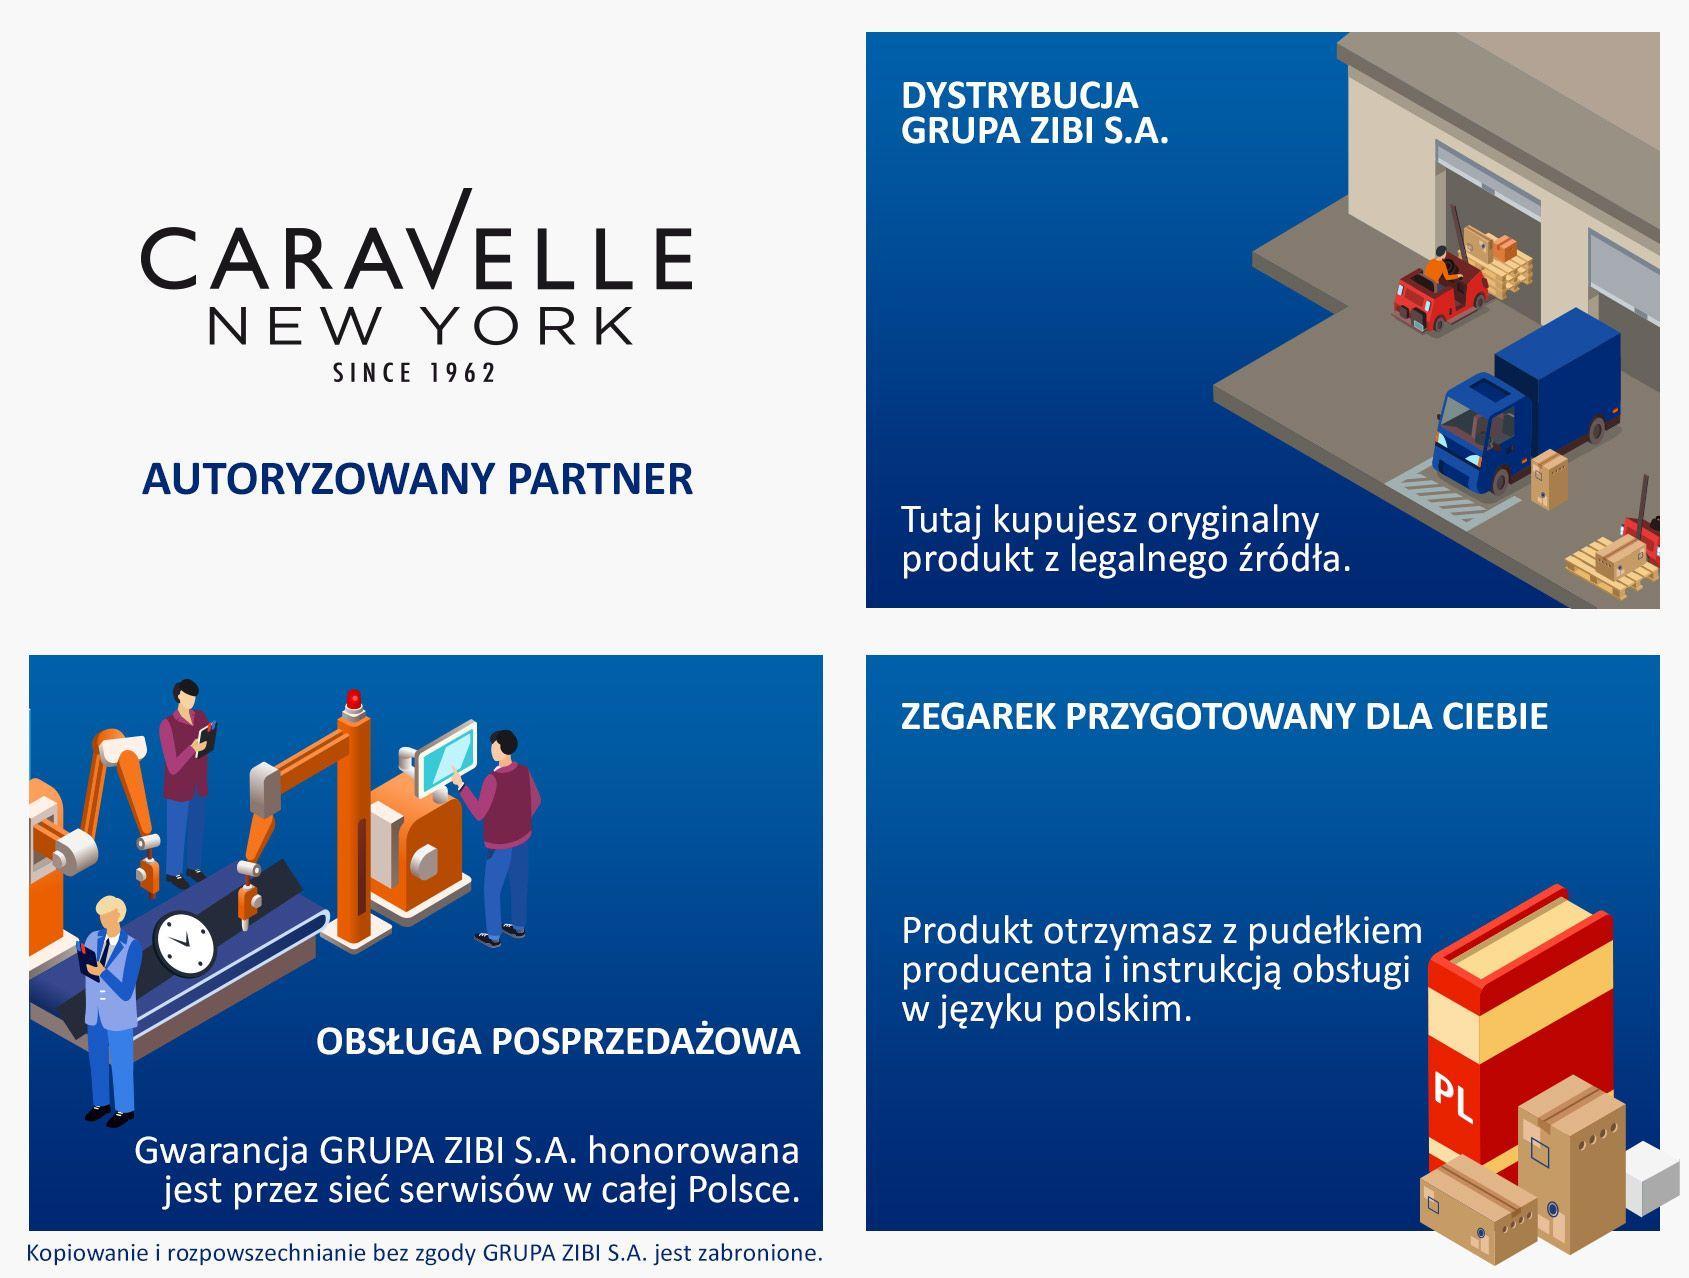 Autoryzowany Partner Caravelle